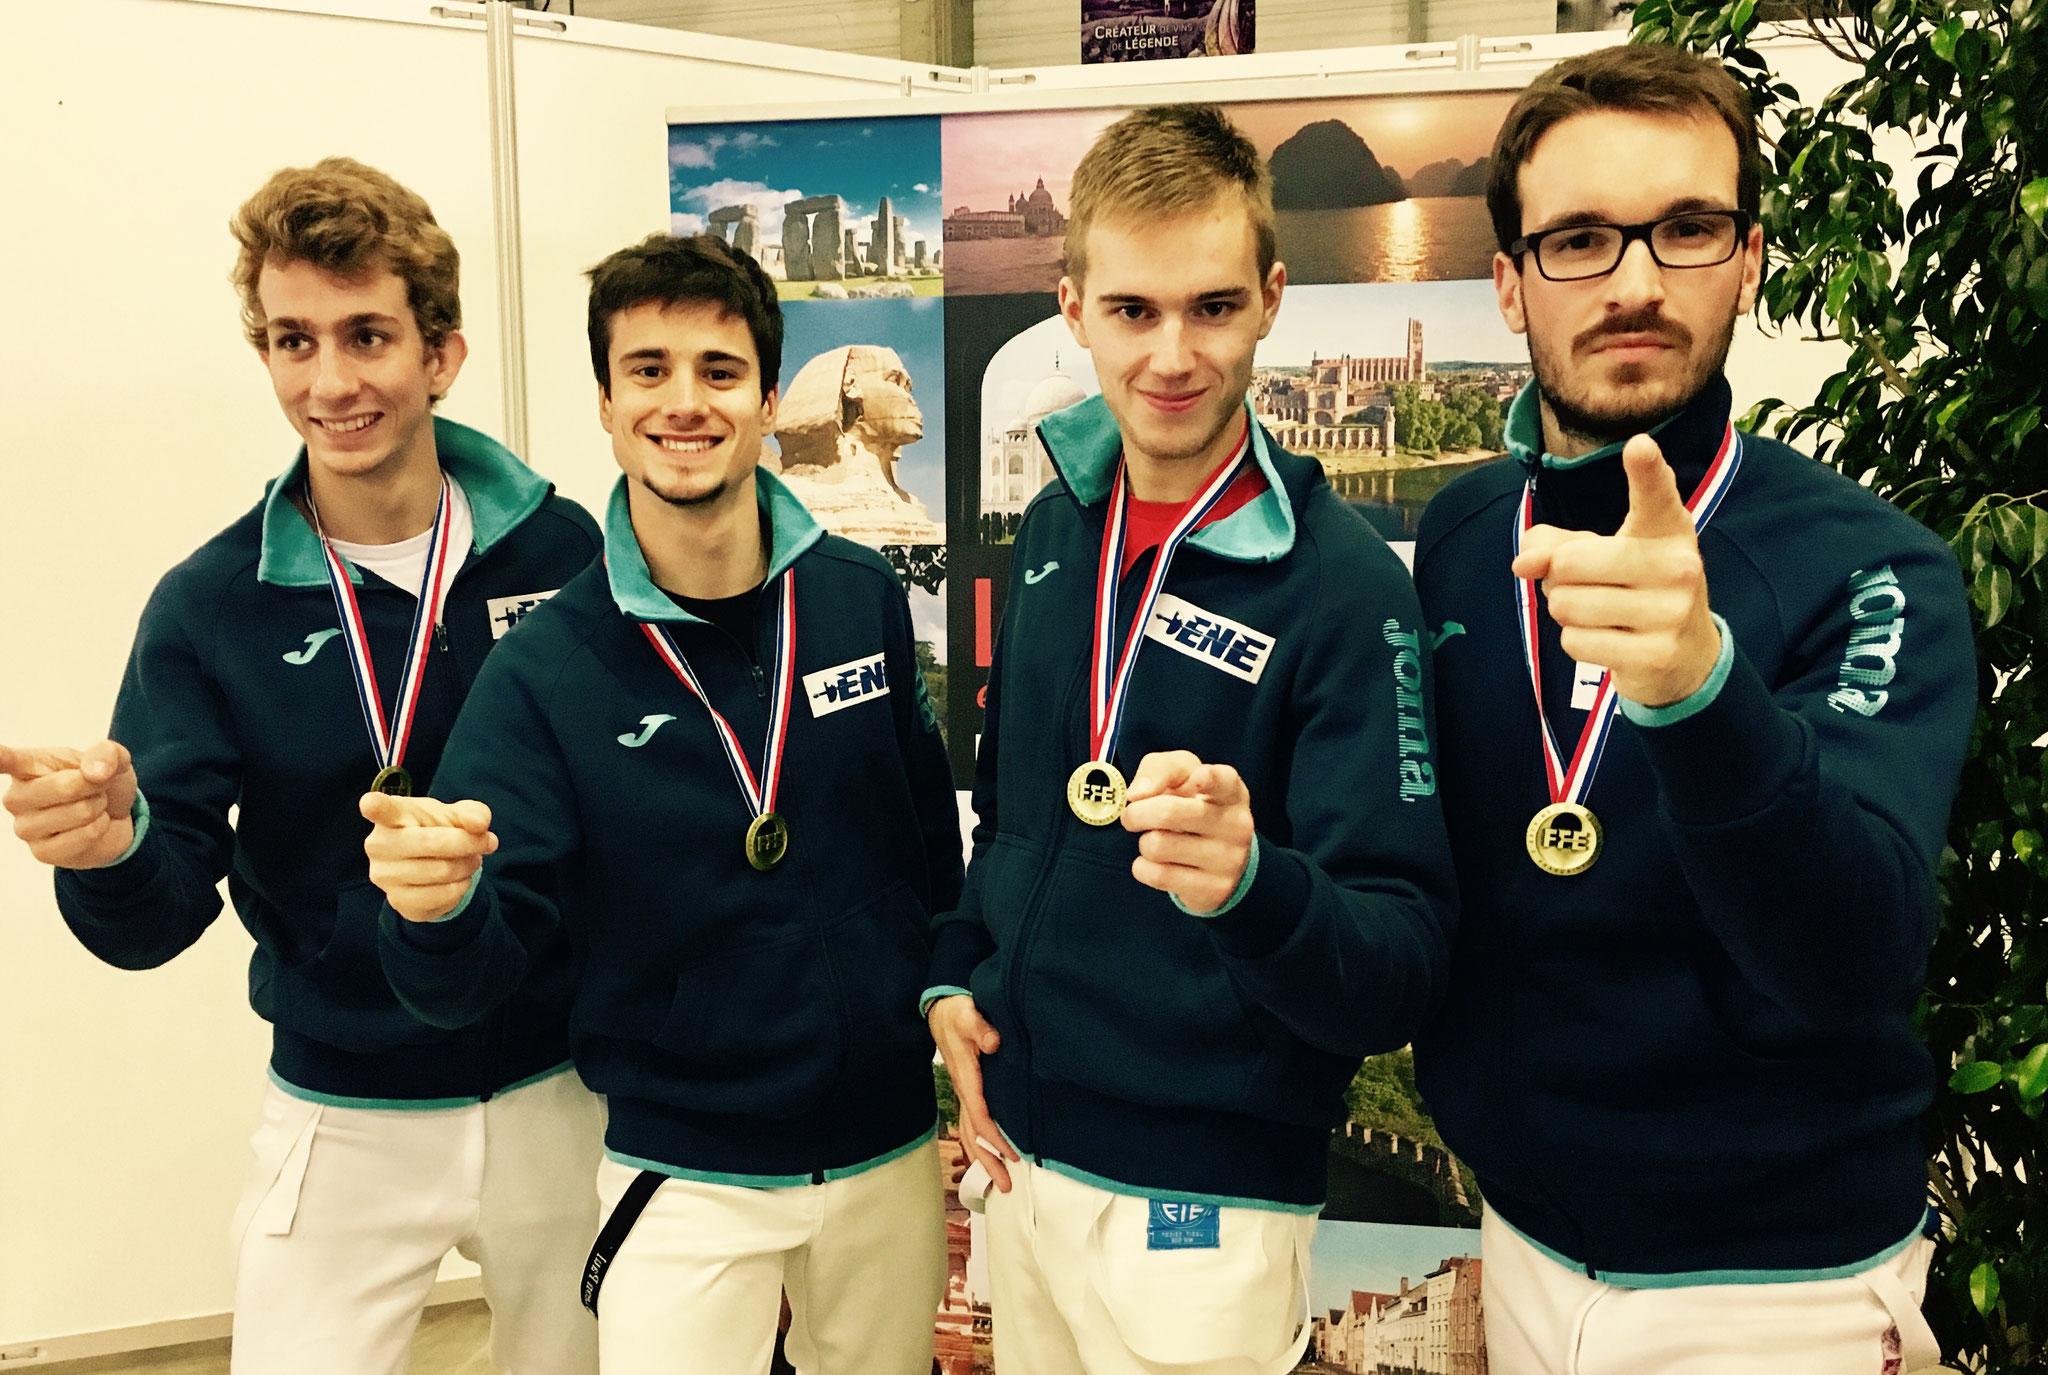 ENE : 3e des Championnats de France N2 avec FOUGY Nathan, DOGUET Clément, LEMARIE Corentin et MOTTE Alexandre